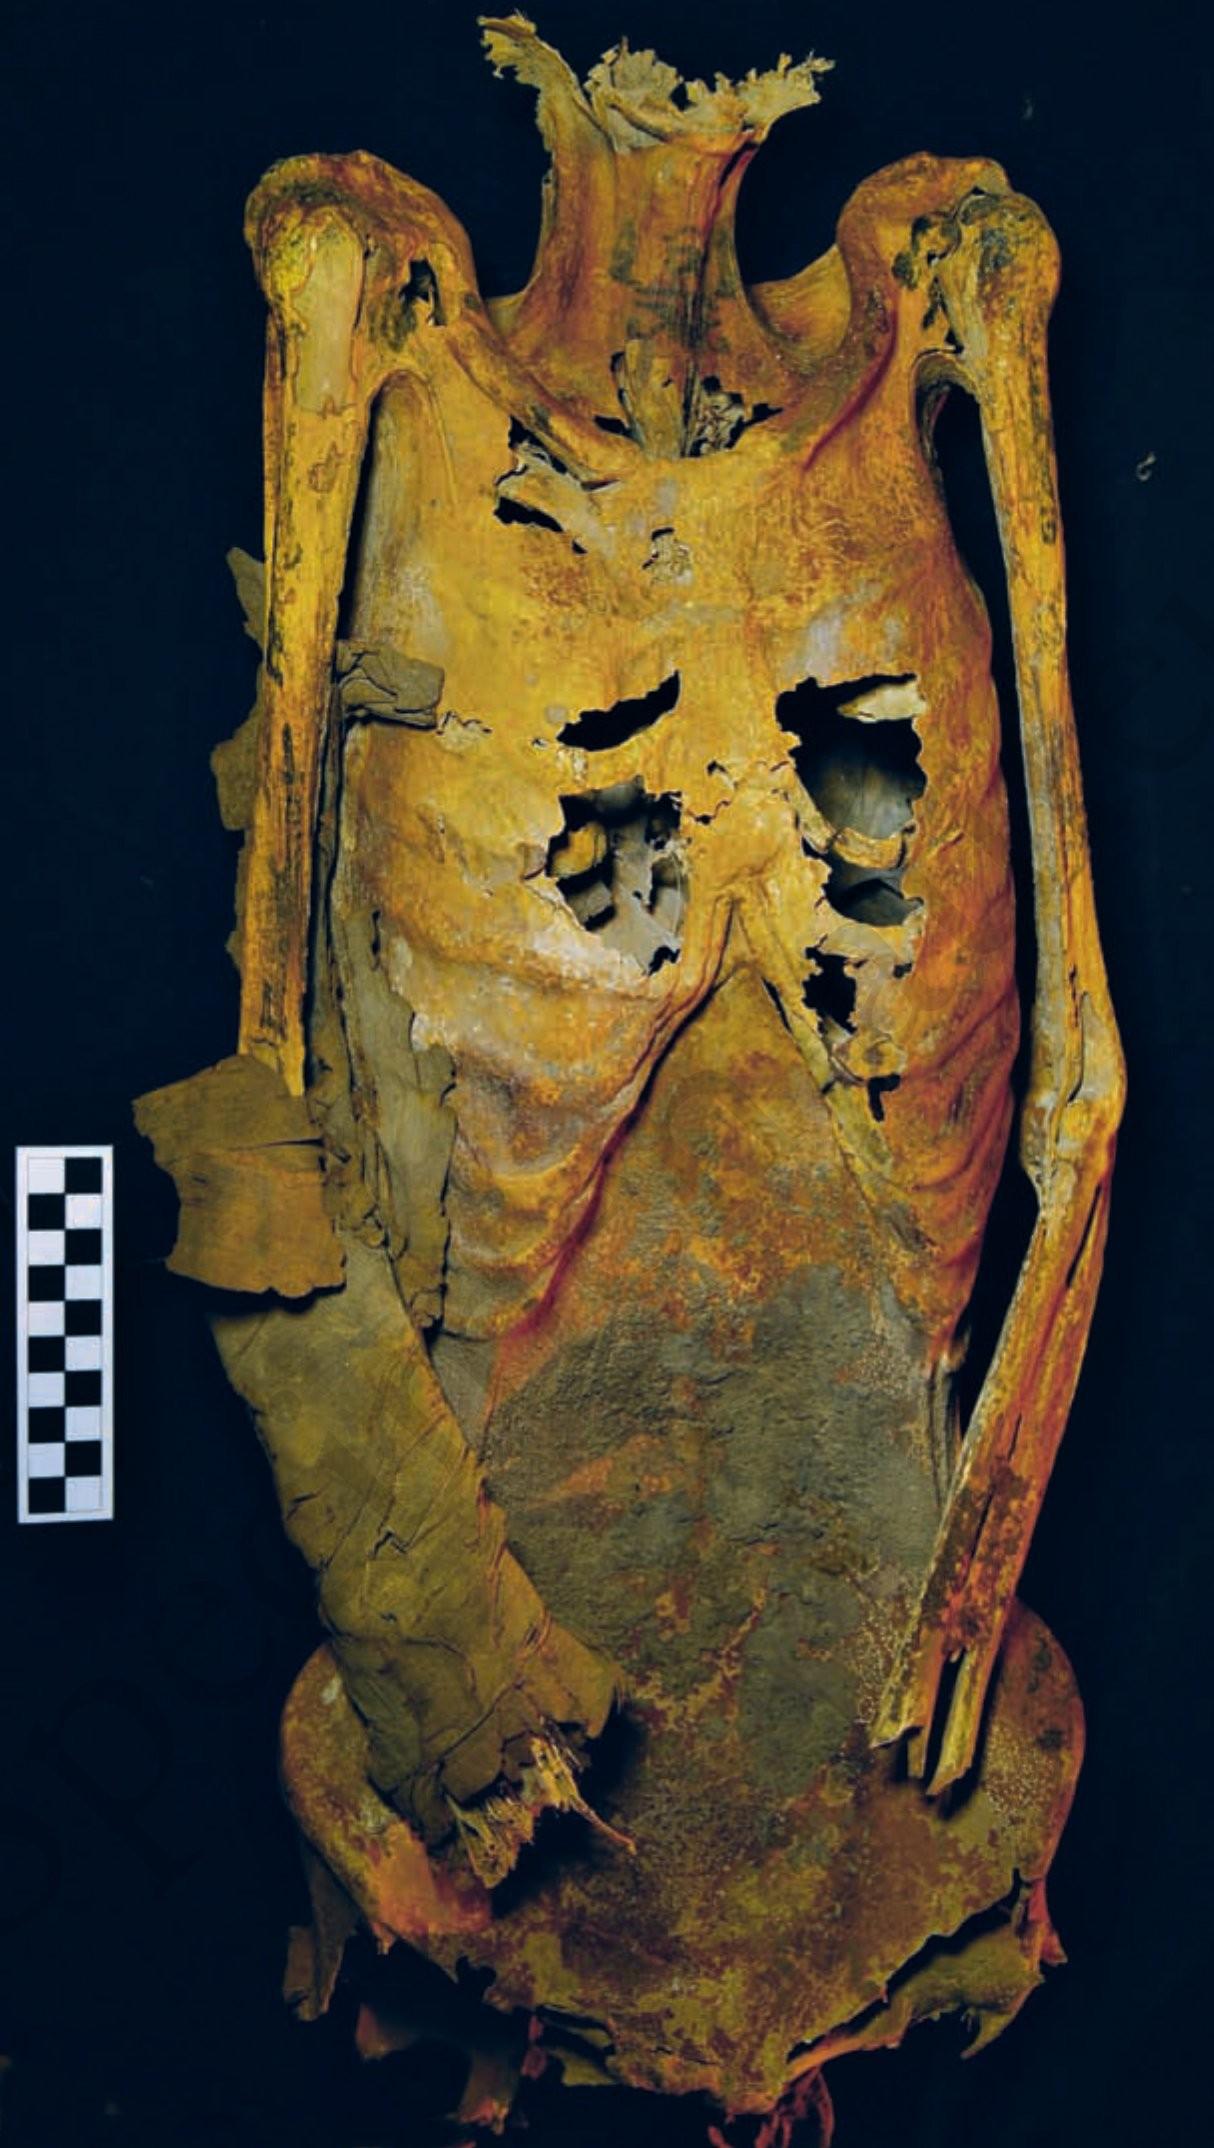 Múmia encontrada por pesquisadores (Foto: Divulgação)